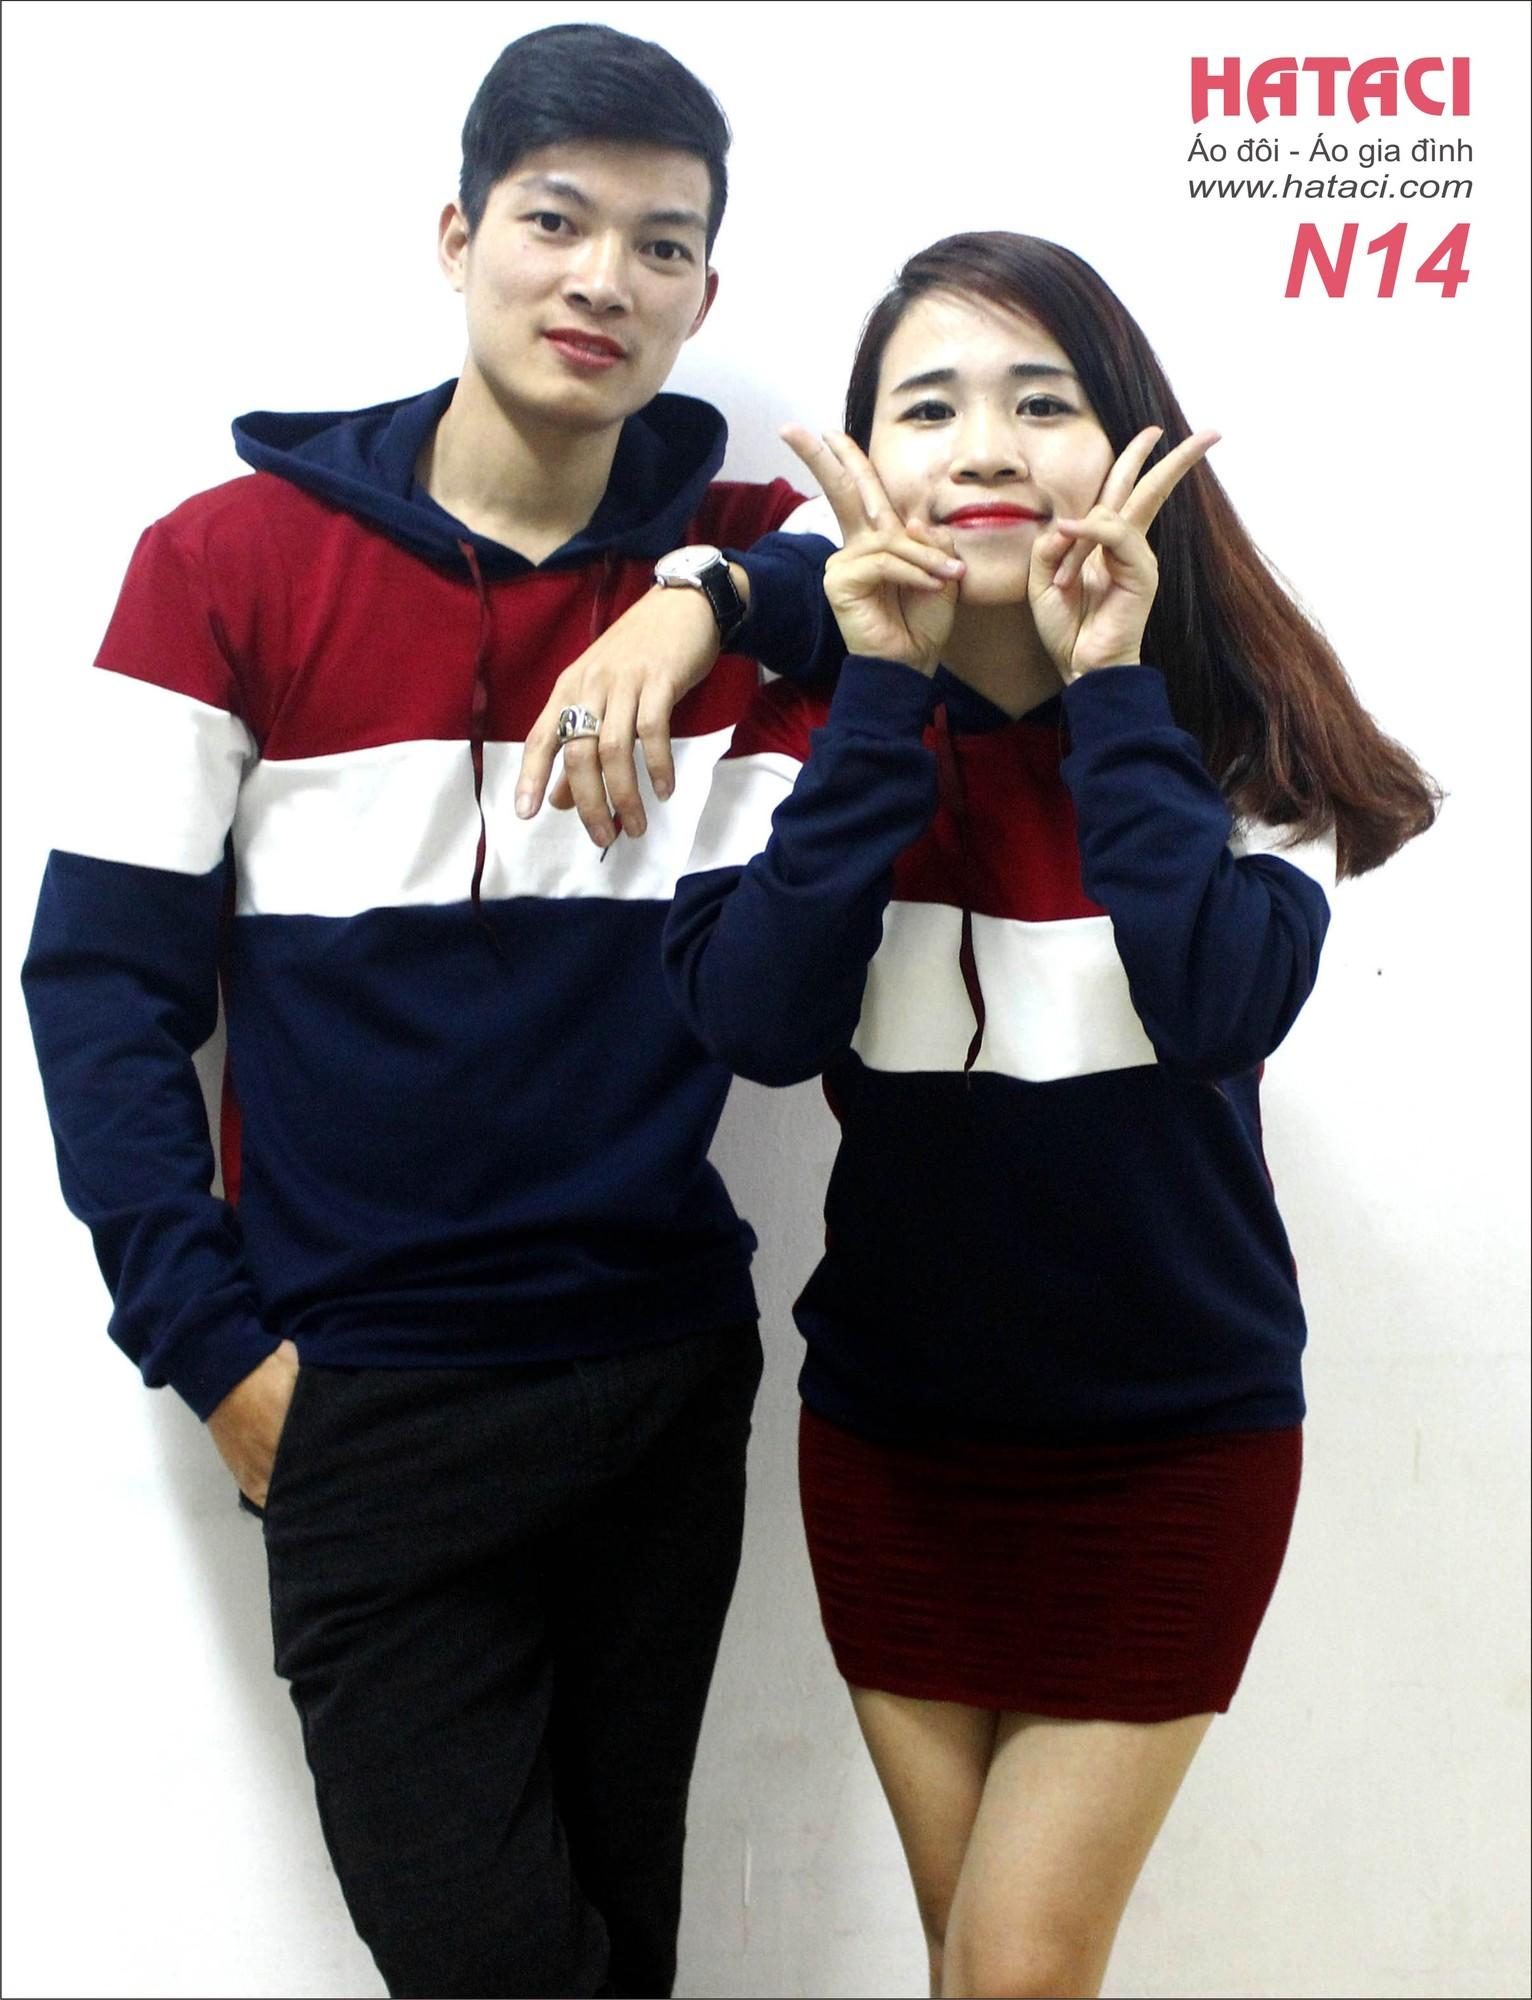 16 Mua áo đôi cửa hàng Hataci 191 Bạch Mai , Hà Nội